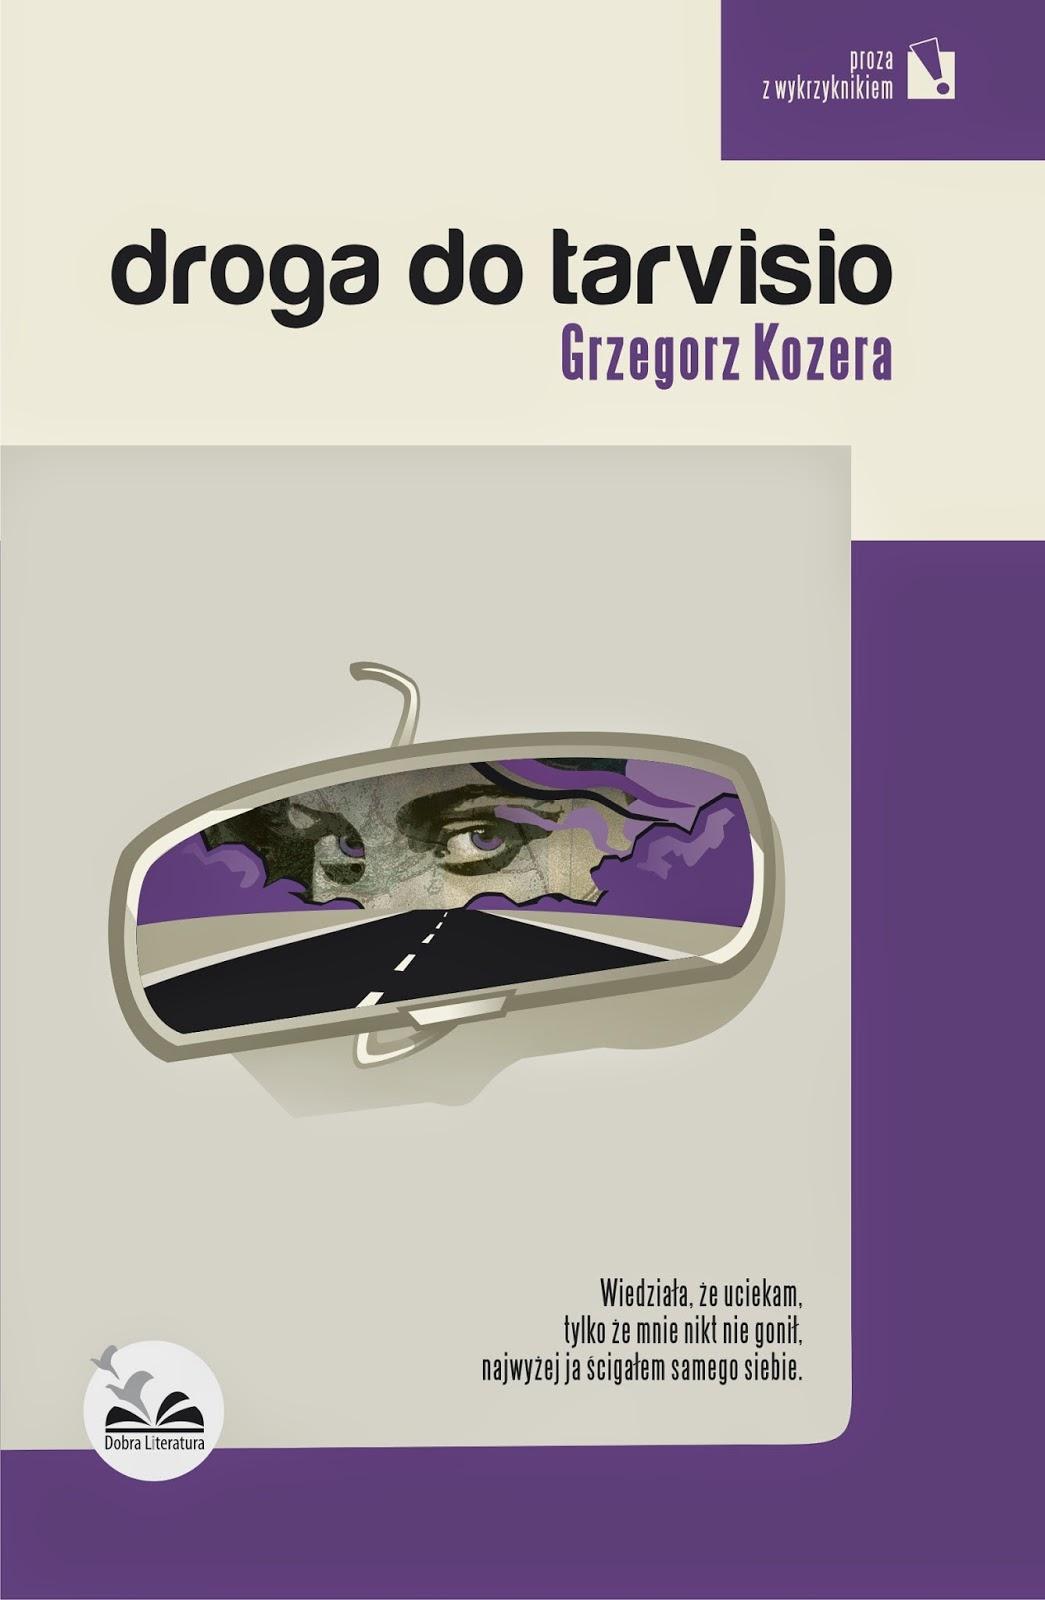 http://www.dobraliteratura.pl/zapowiedz/139/droga_do_tarvisio.html